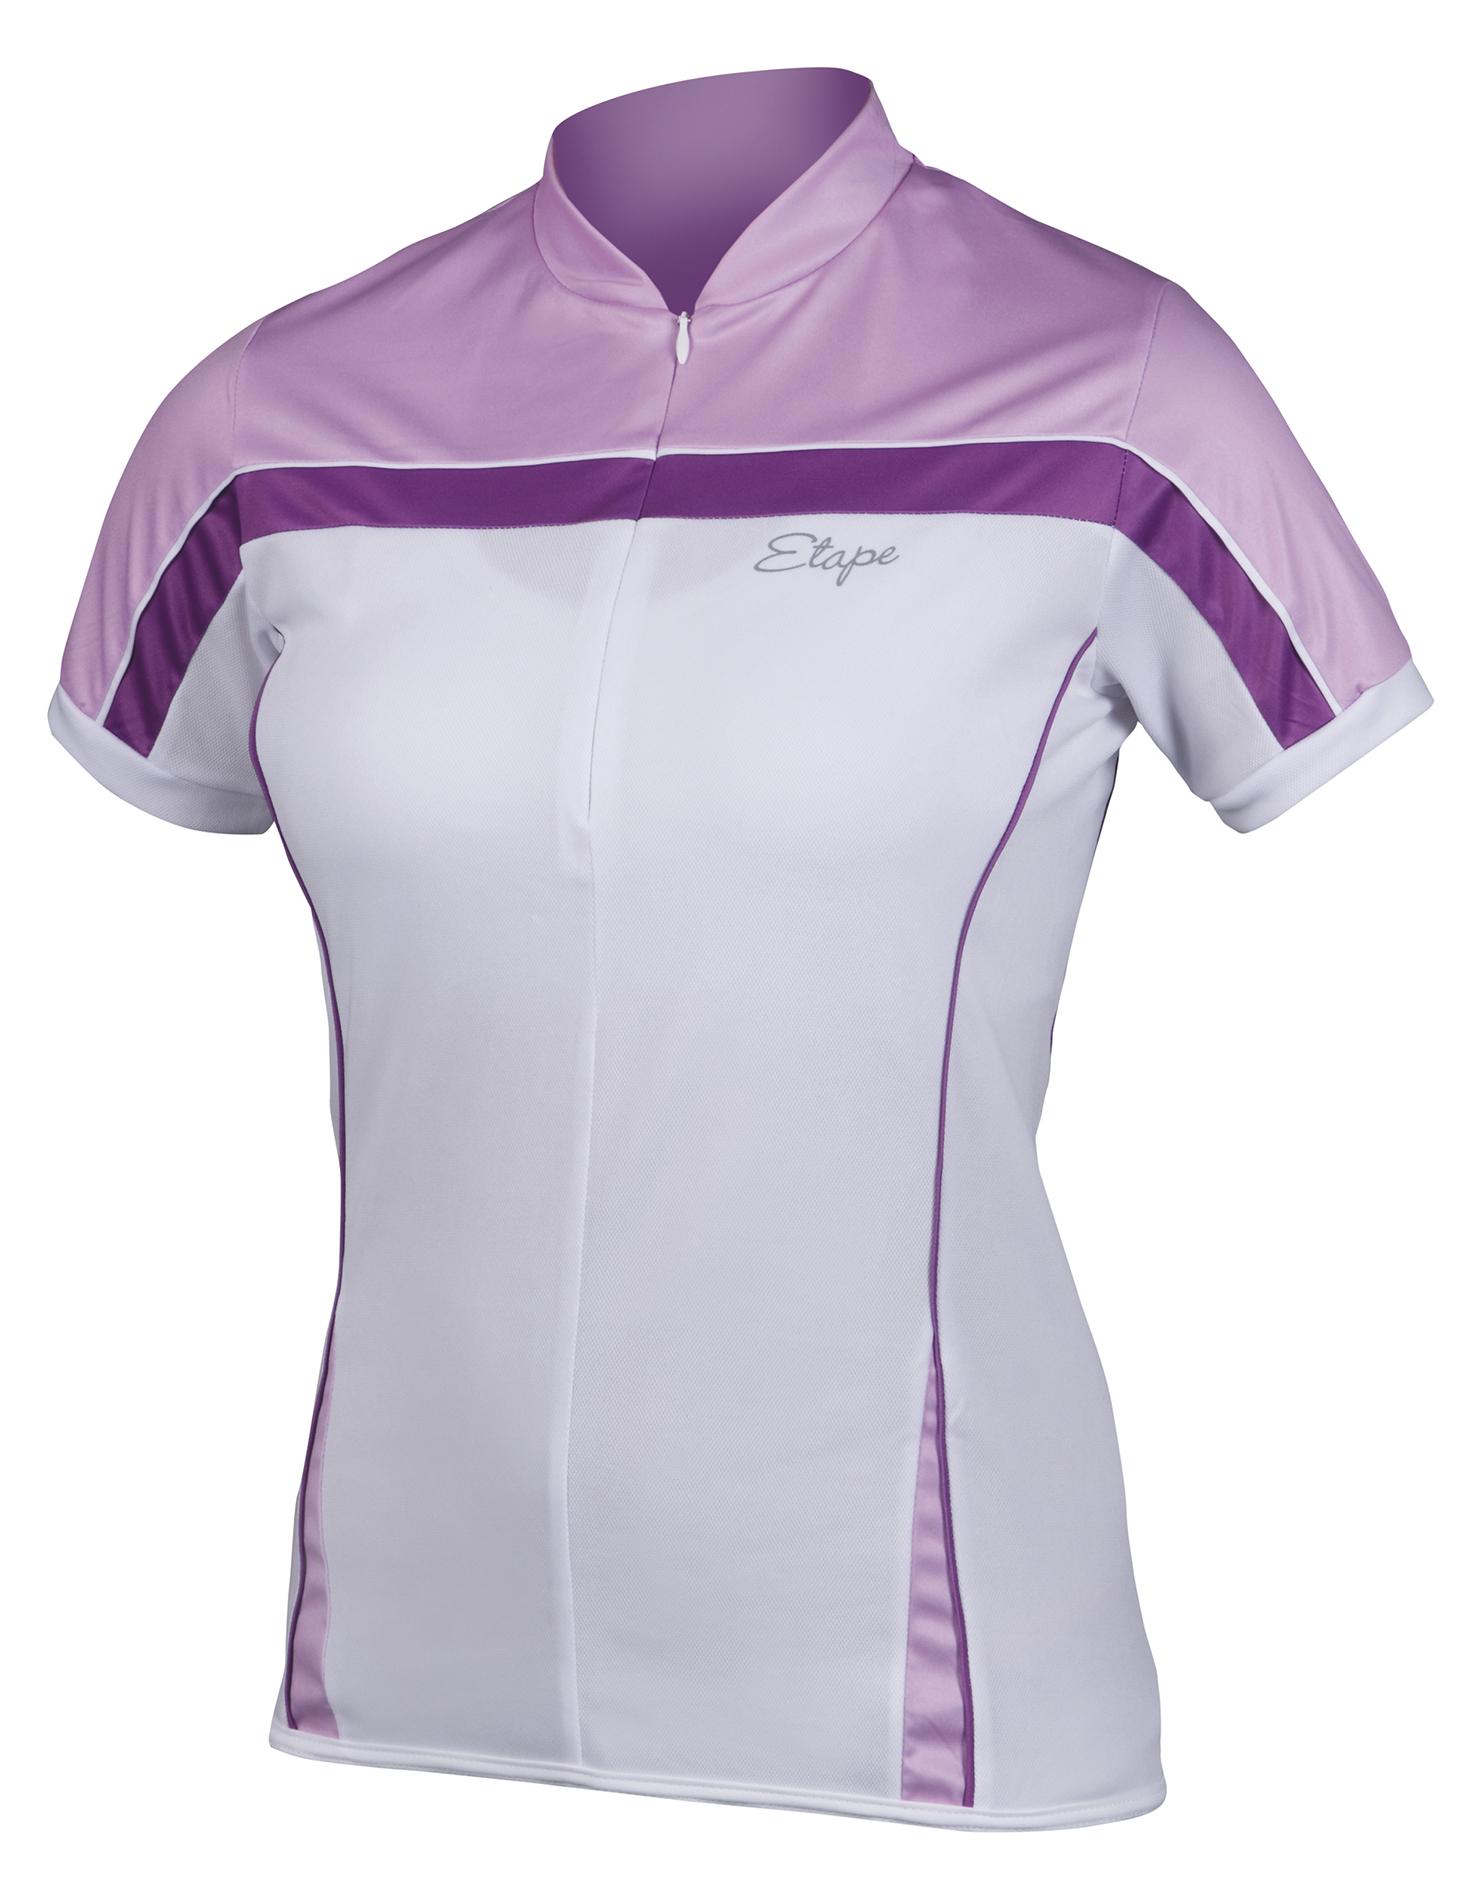 Dámský cyklistický dres ETAPE Roxy, vel. XL, bílá/fialová, model 2017 (Dámský dres Etape, přední skrytý zip, bez rukávů)